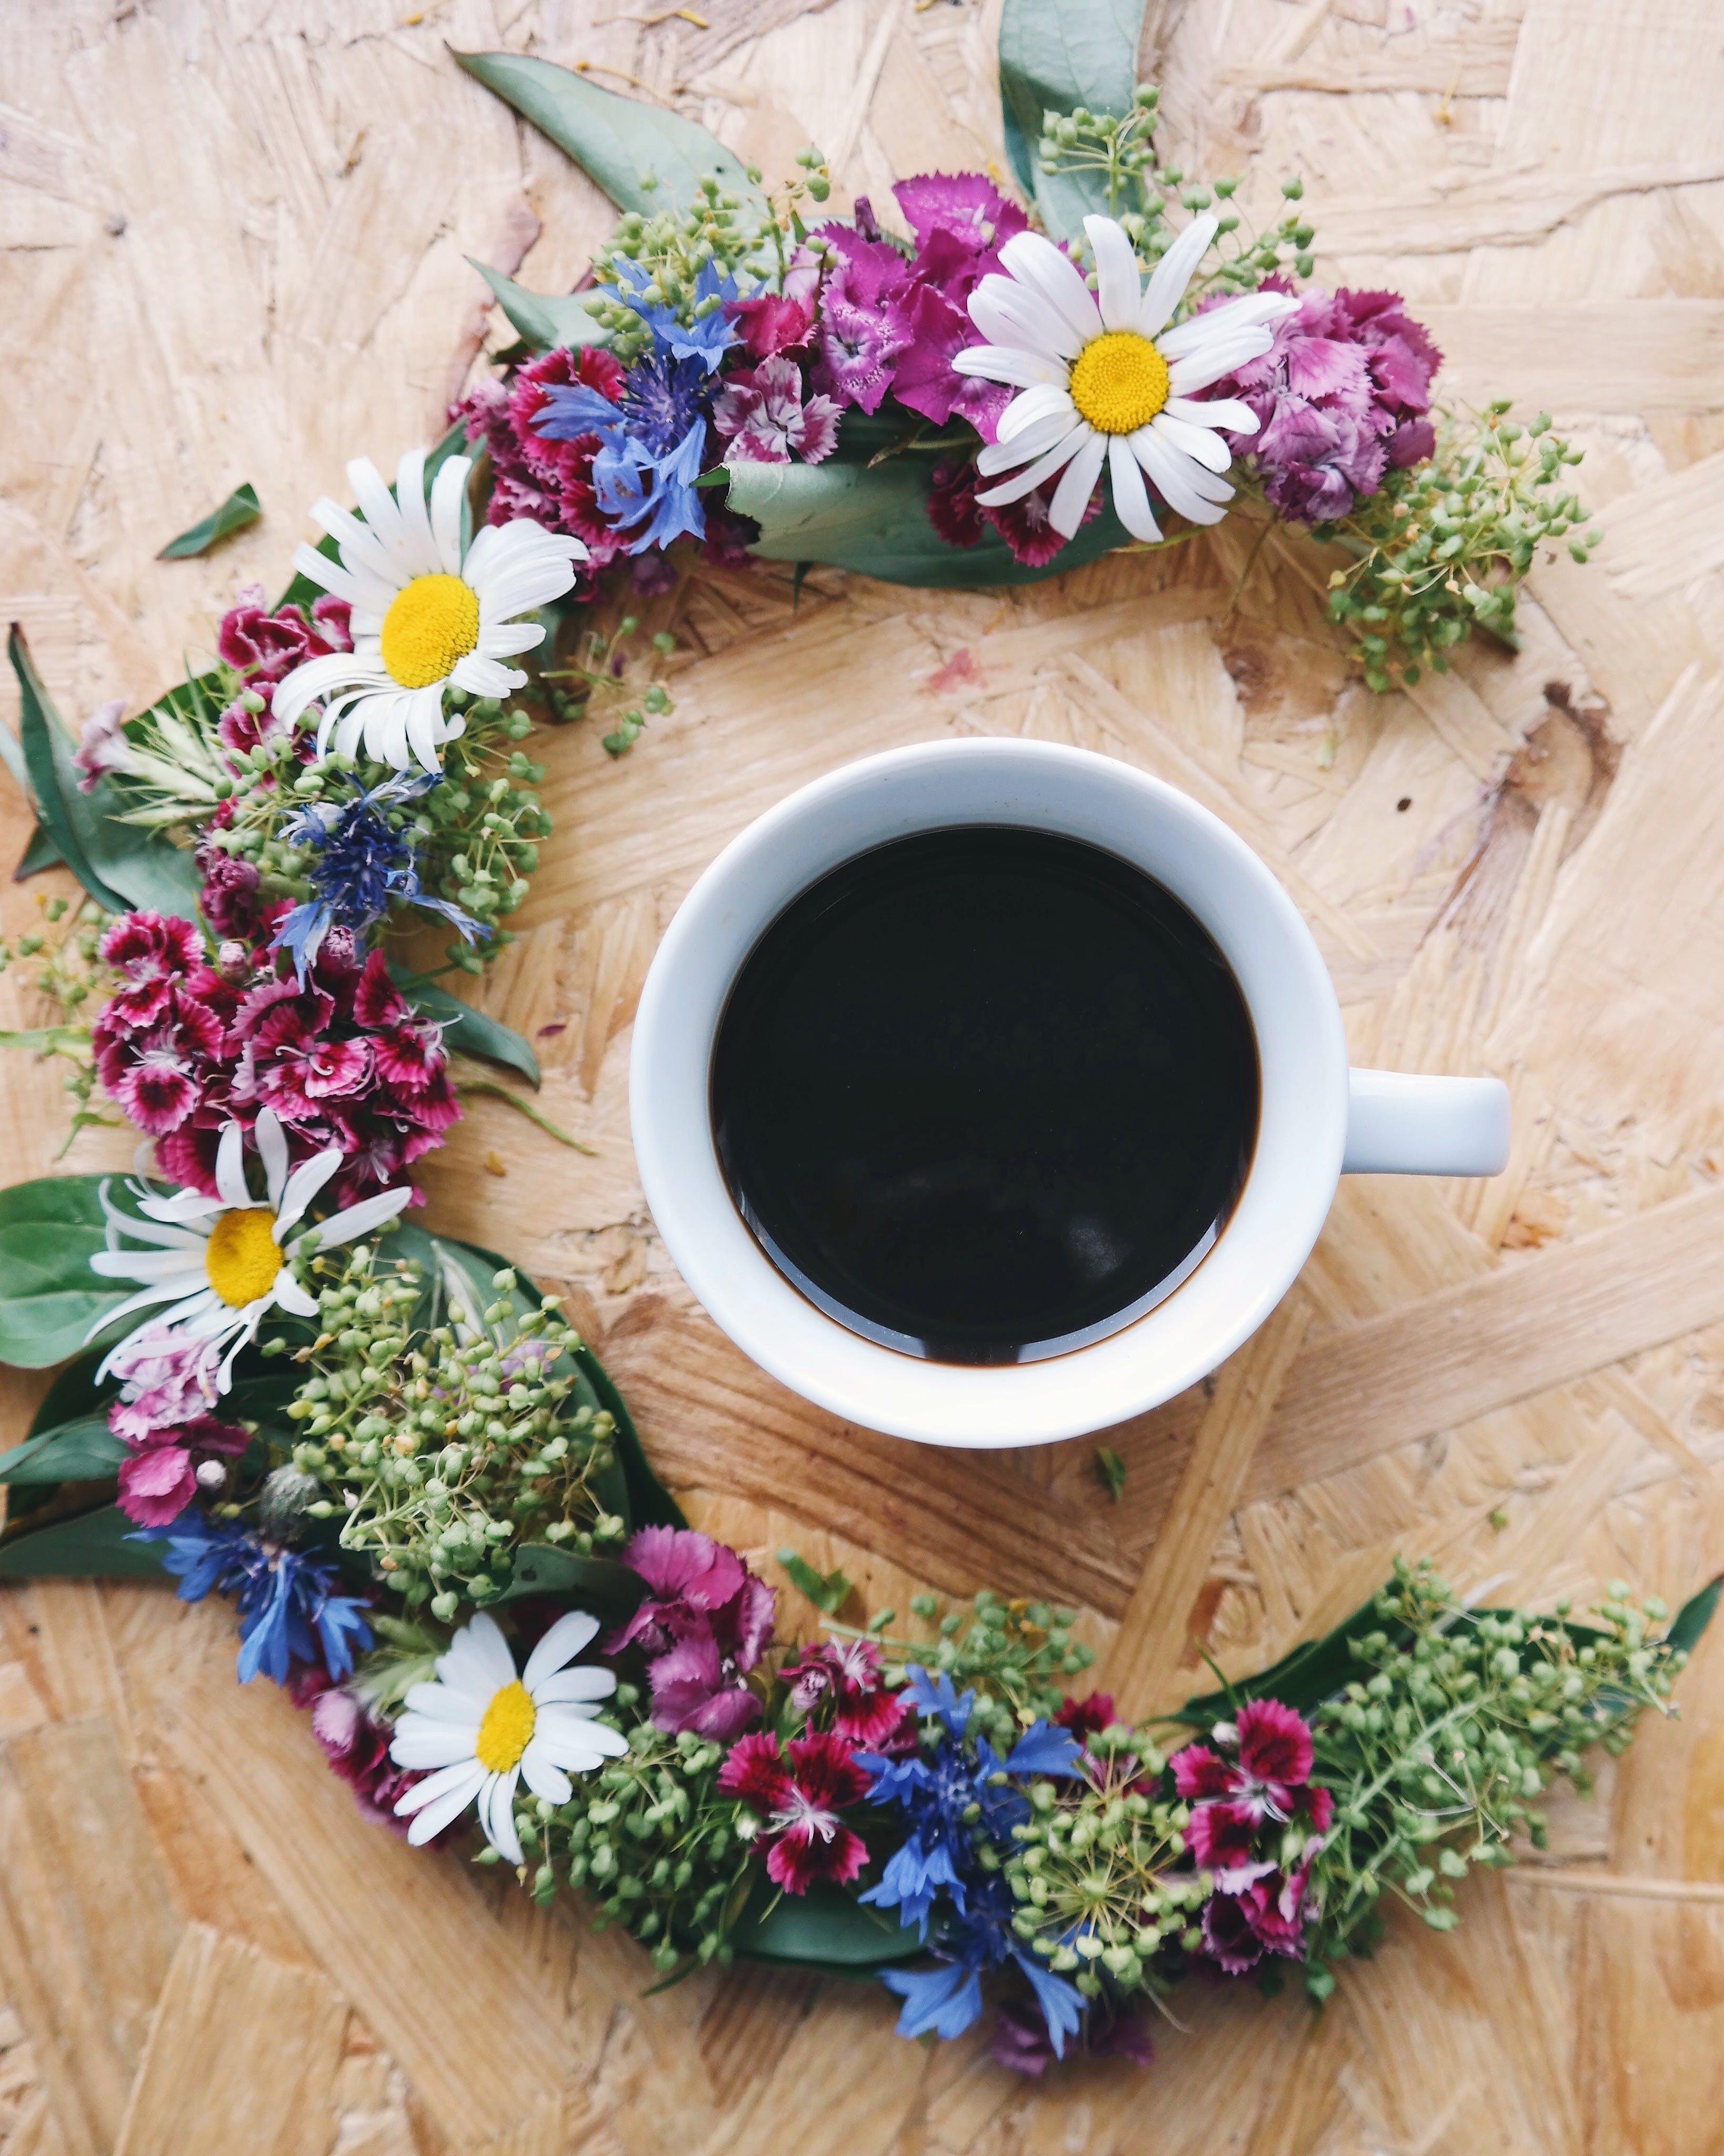 zu aromatisch, blumen, flora, frische blumen